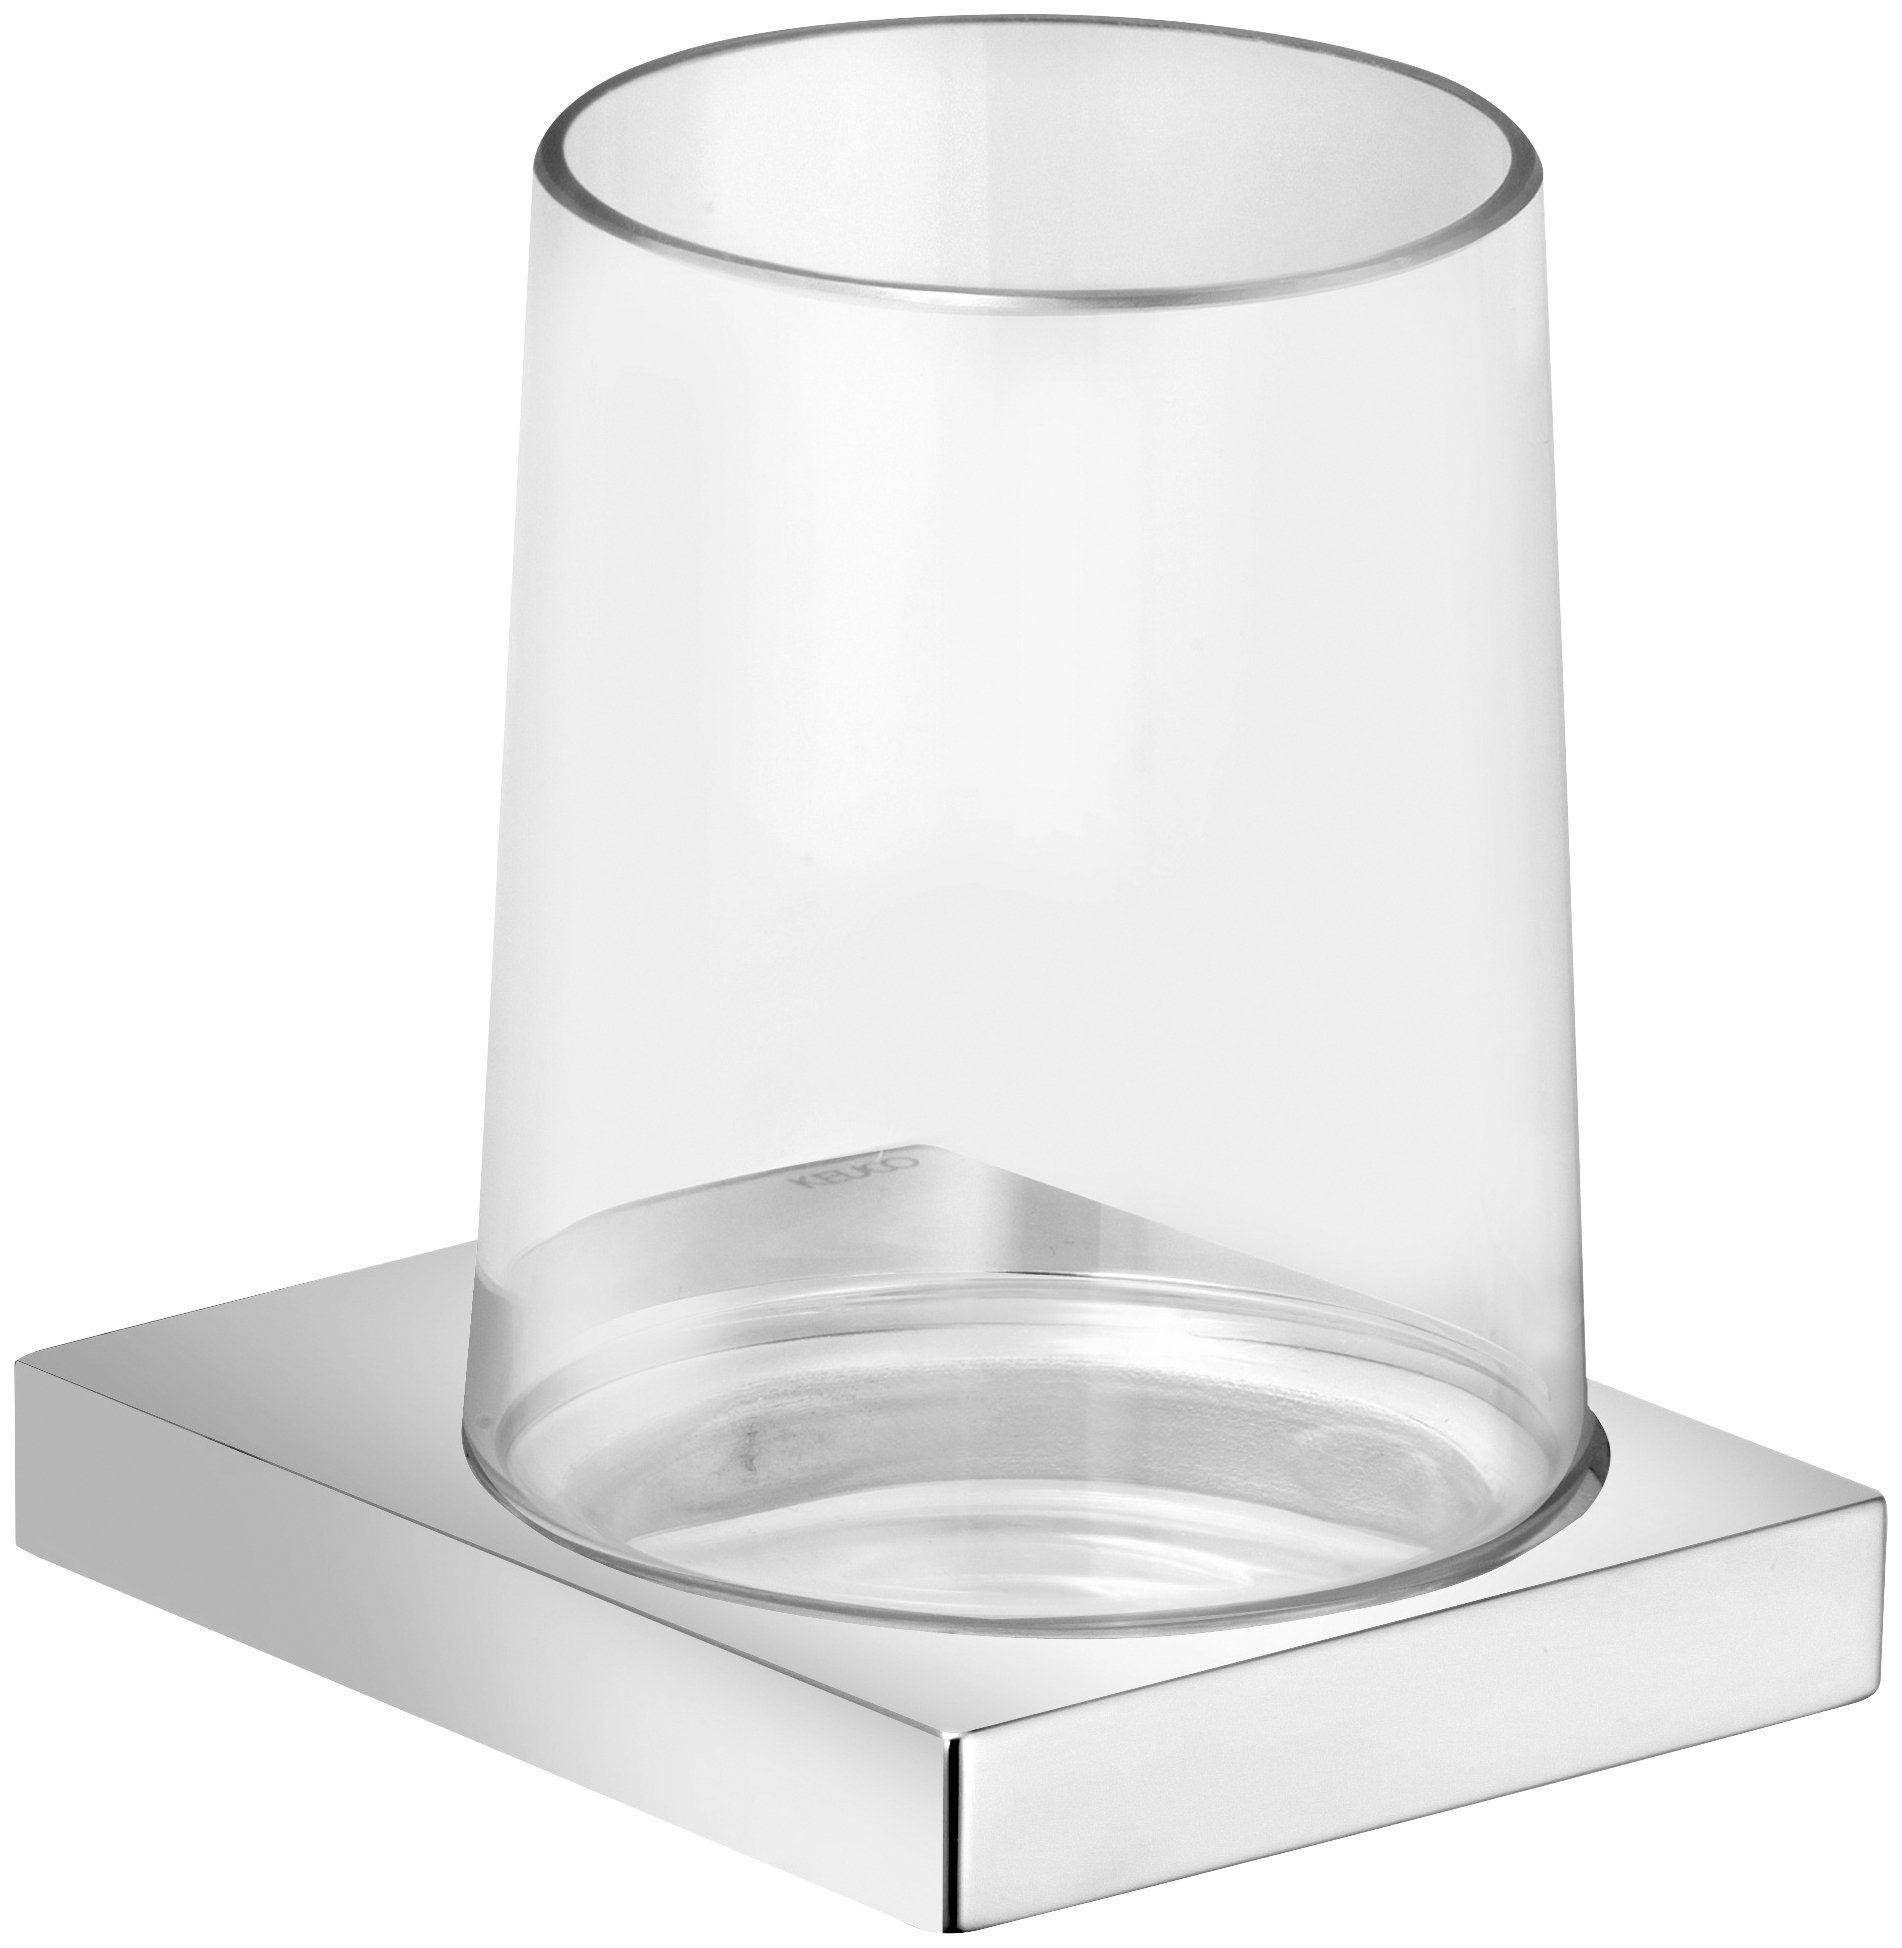 Glashalter »Edition 11«, mit Echtkristall-Glas klar, verchromt